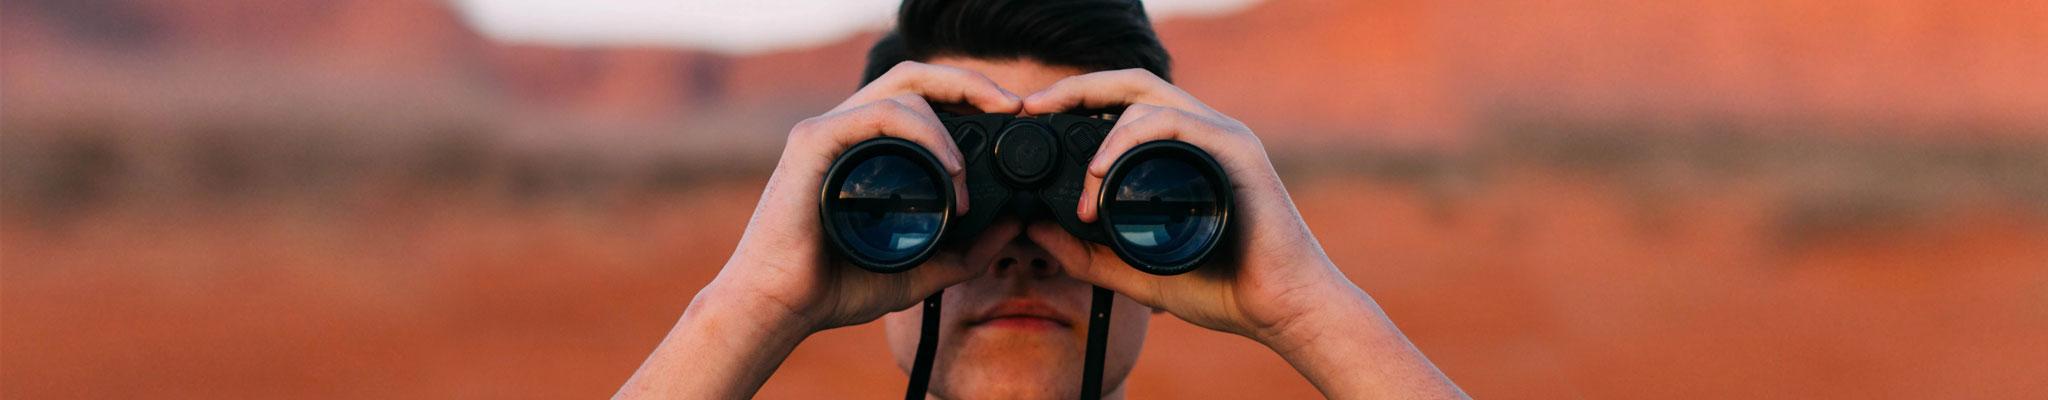 strumenti ottici vigevano